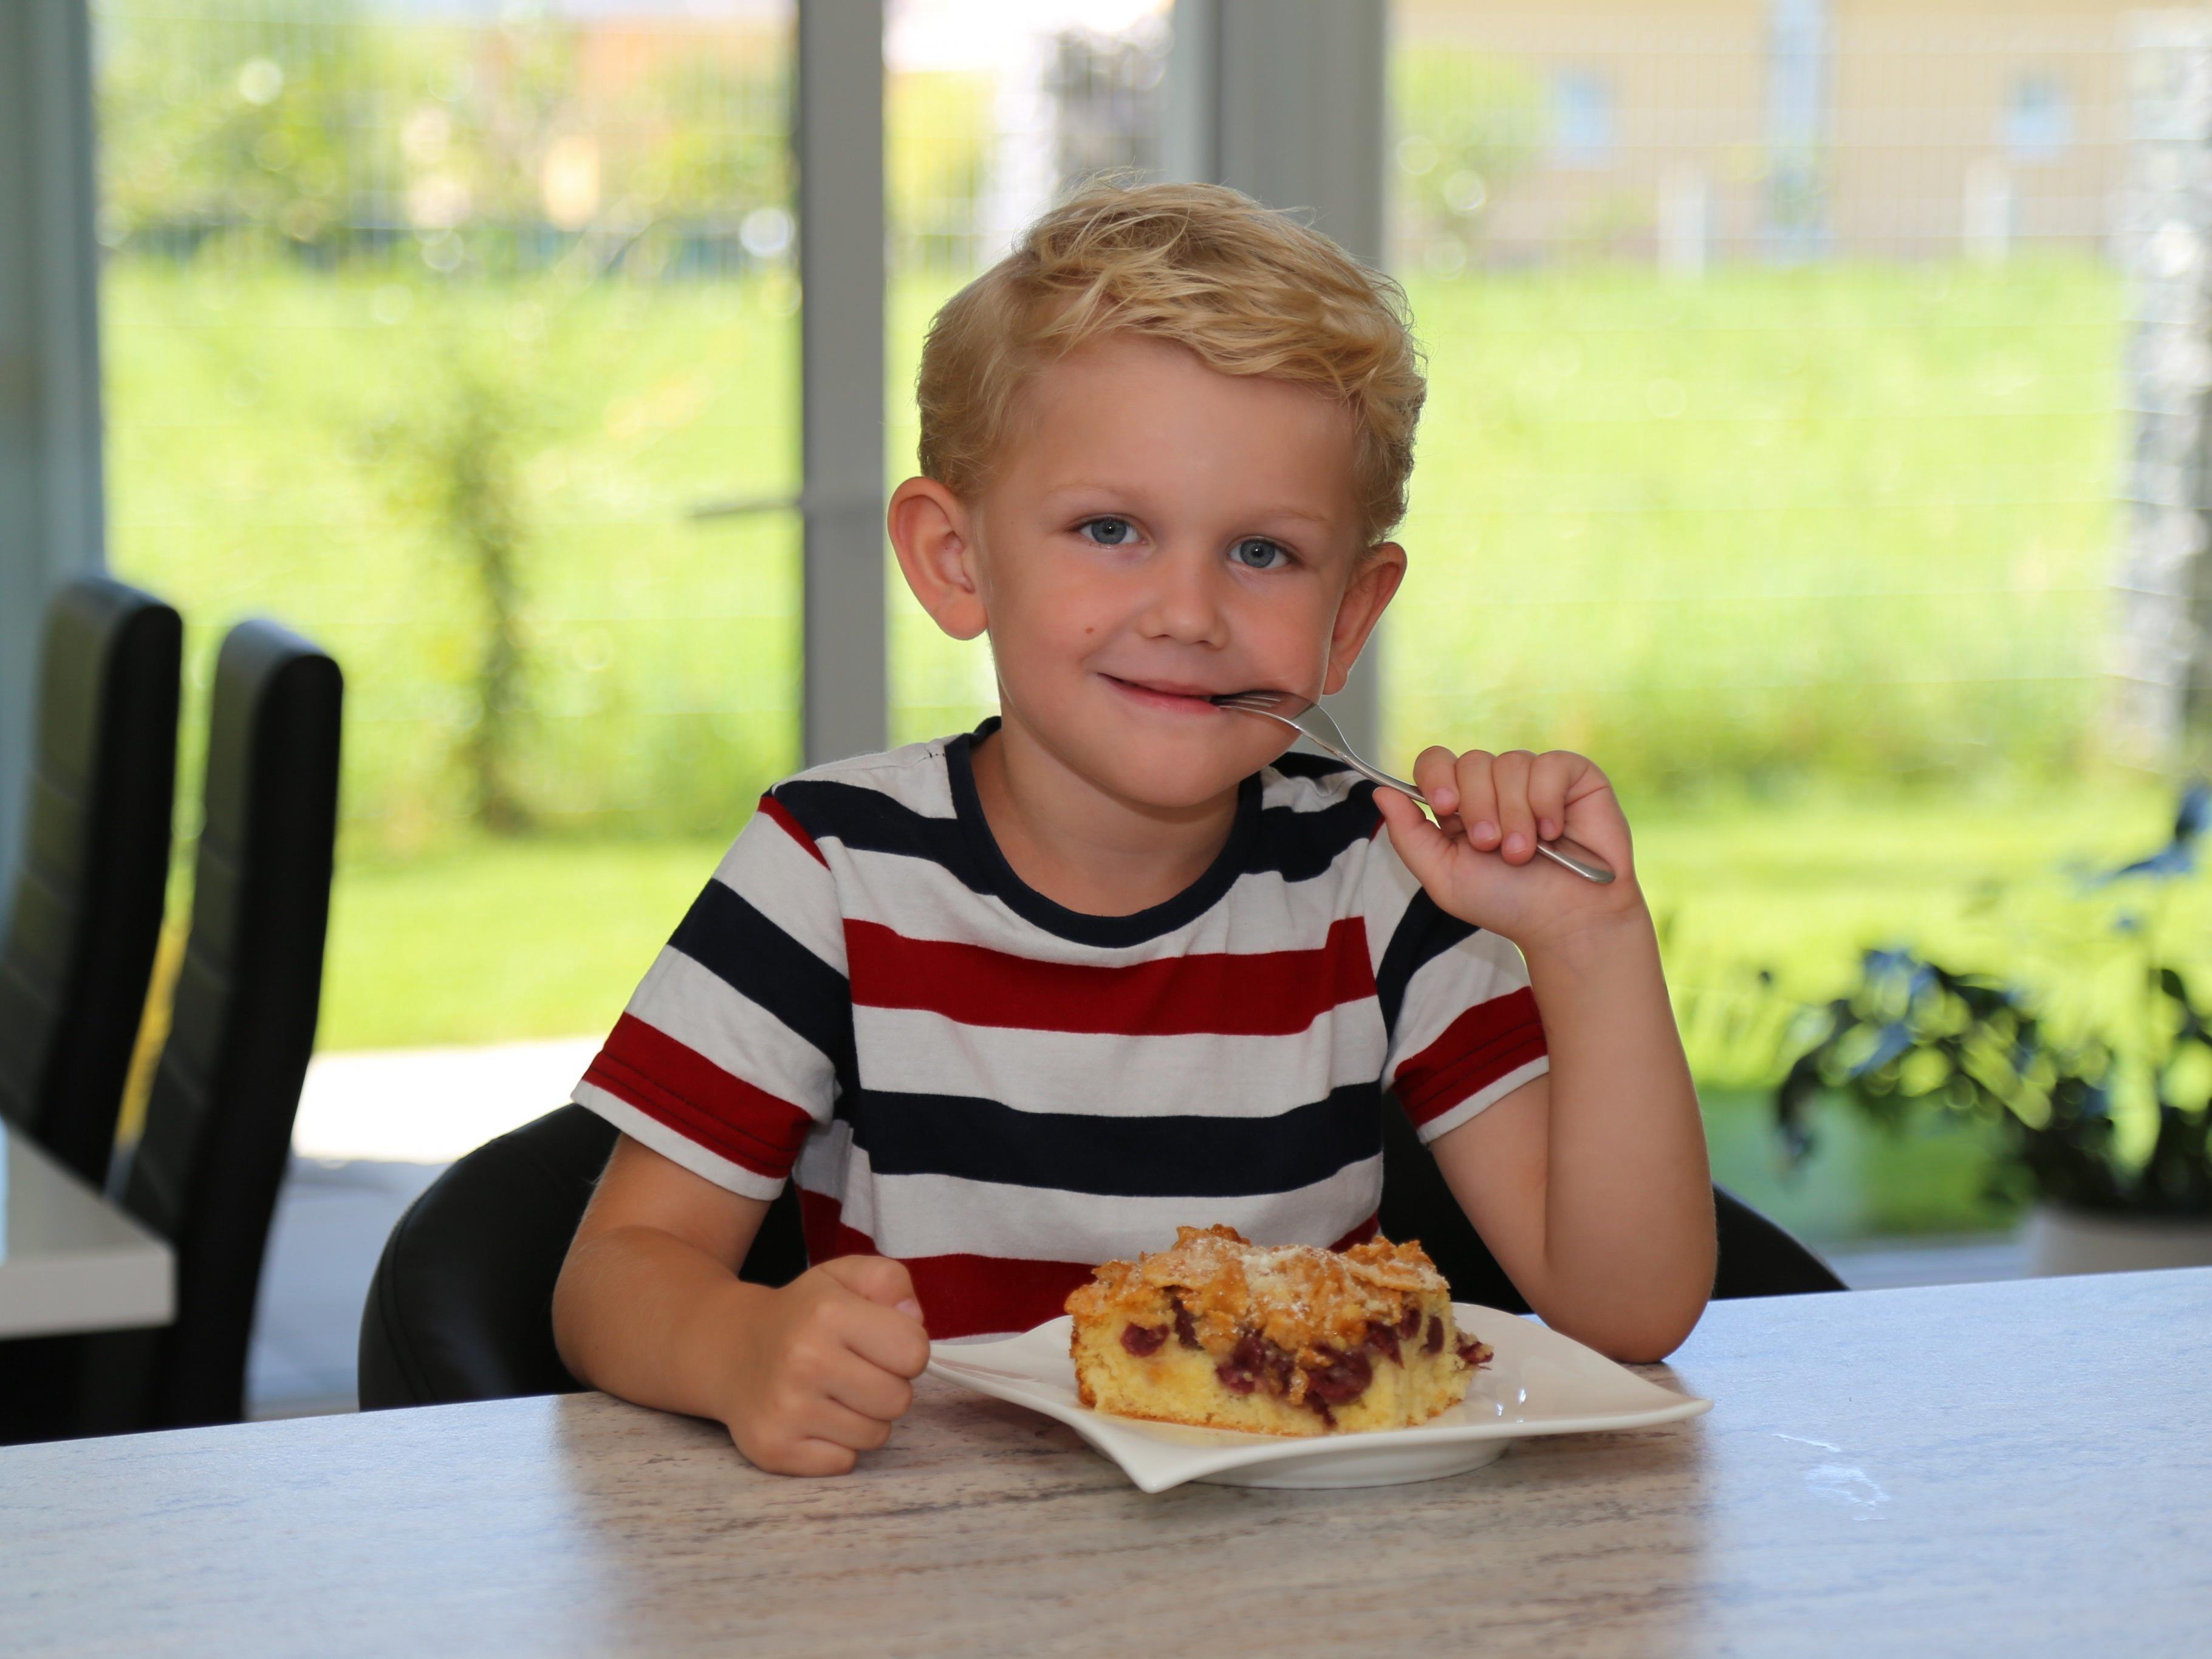 Aus dem Frühstück wird ein Dessert – Jason Durell ist begeistert vom Cornflakes-Kuchen.